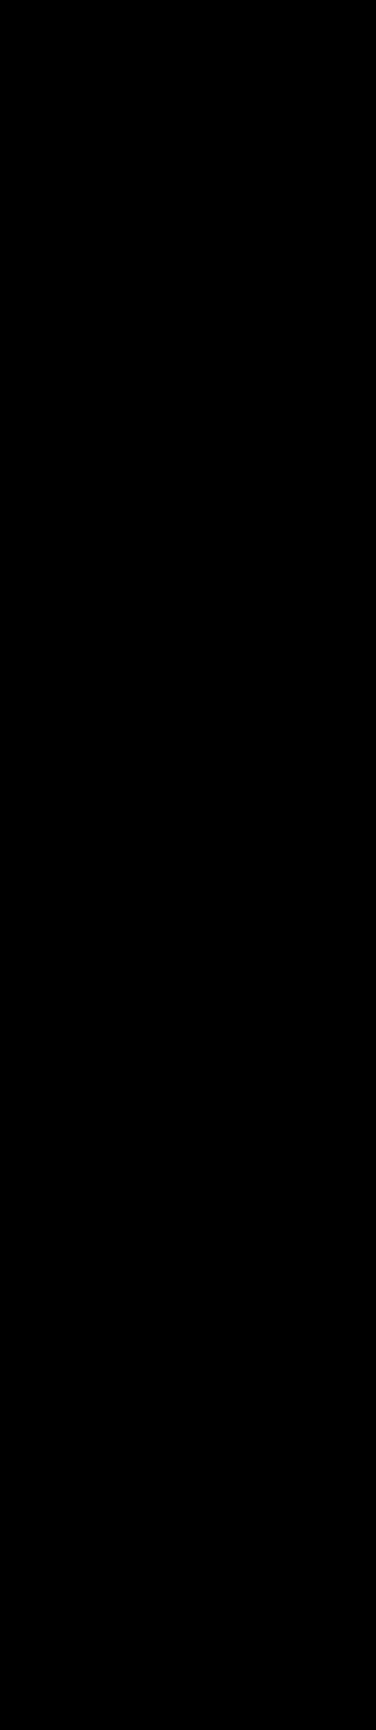 คอร์ดกีตา คอร์ดกีตาร์พื้นฐาน เพลง โอ๊ย (มึนตึ๊บ)